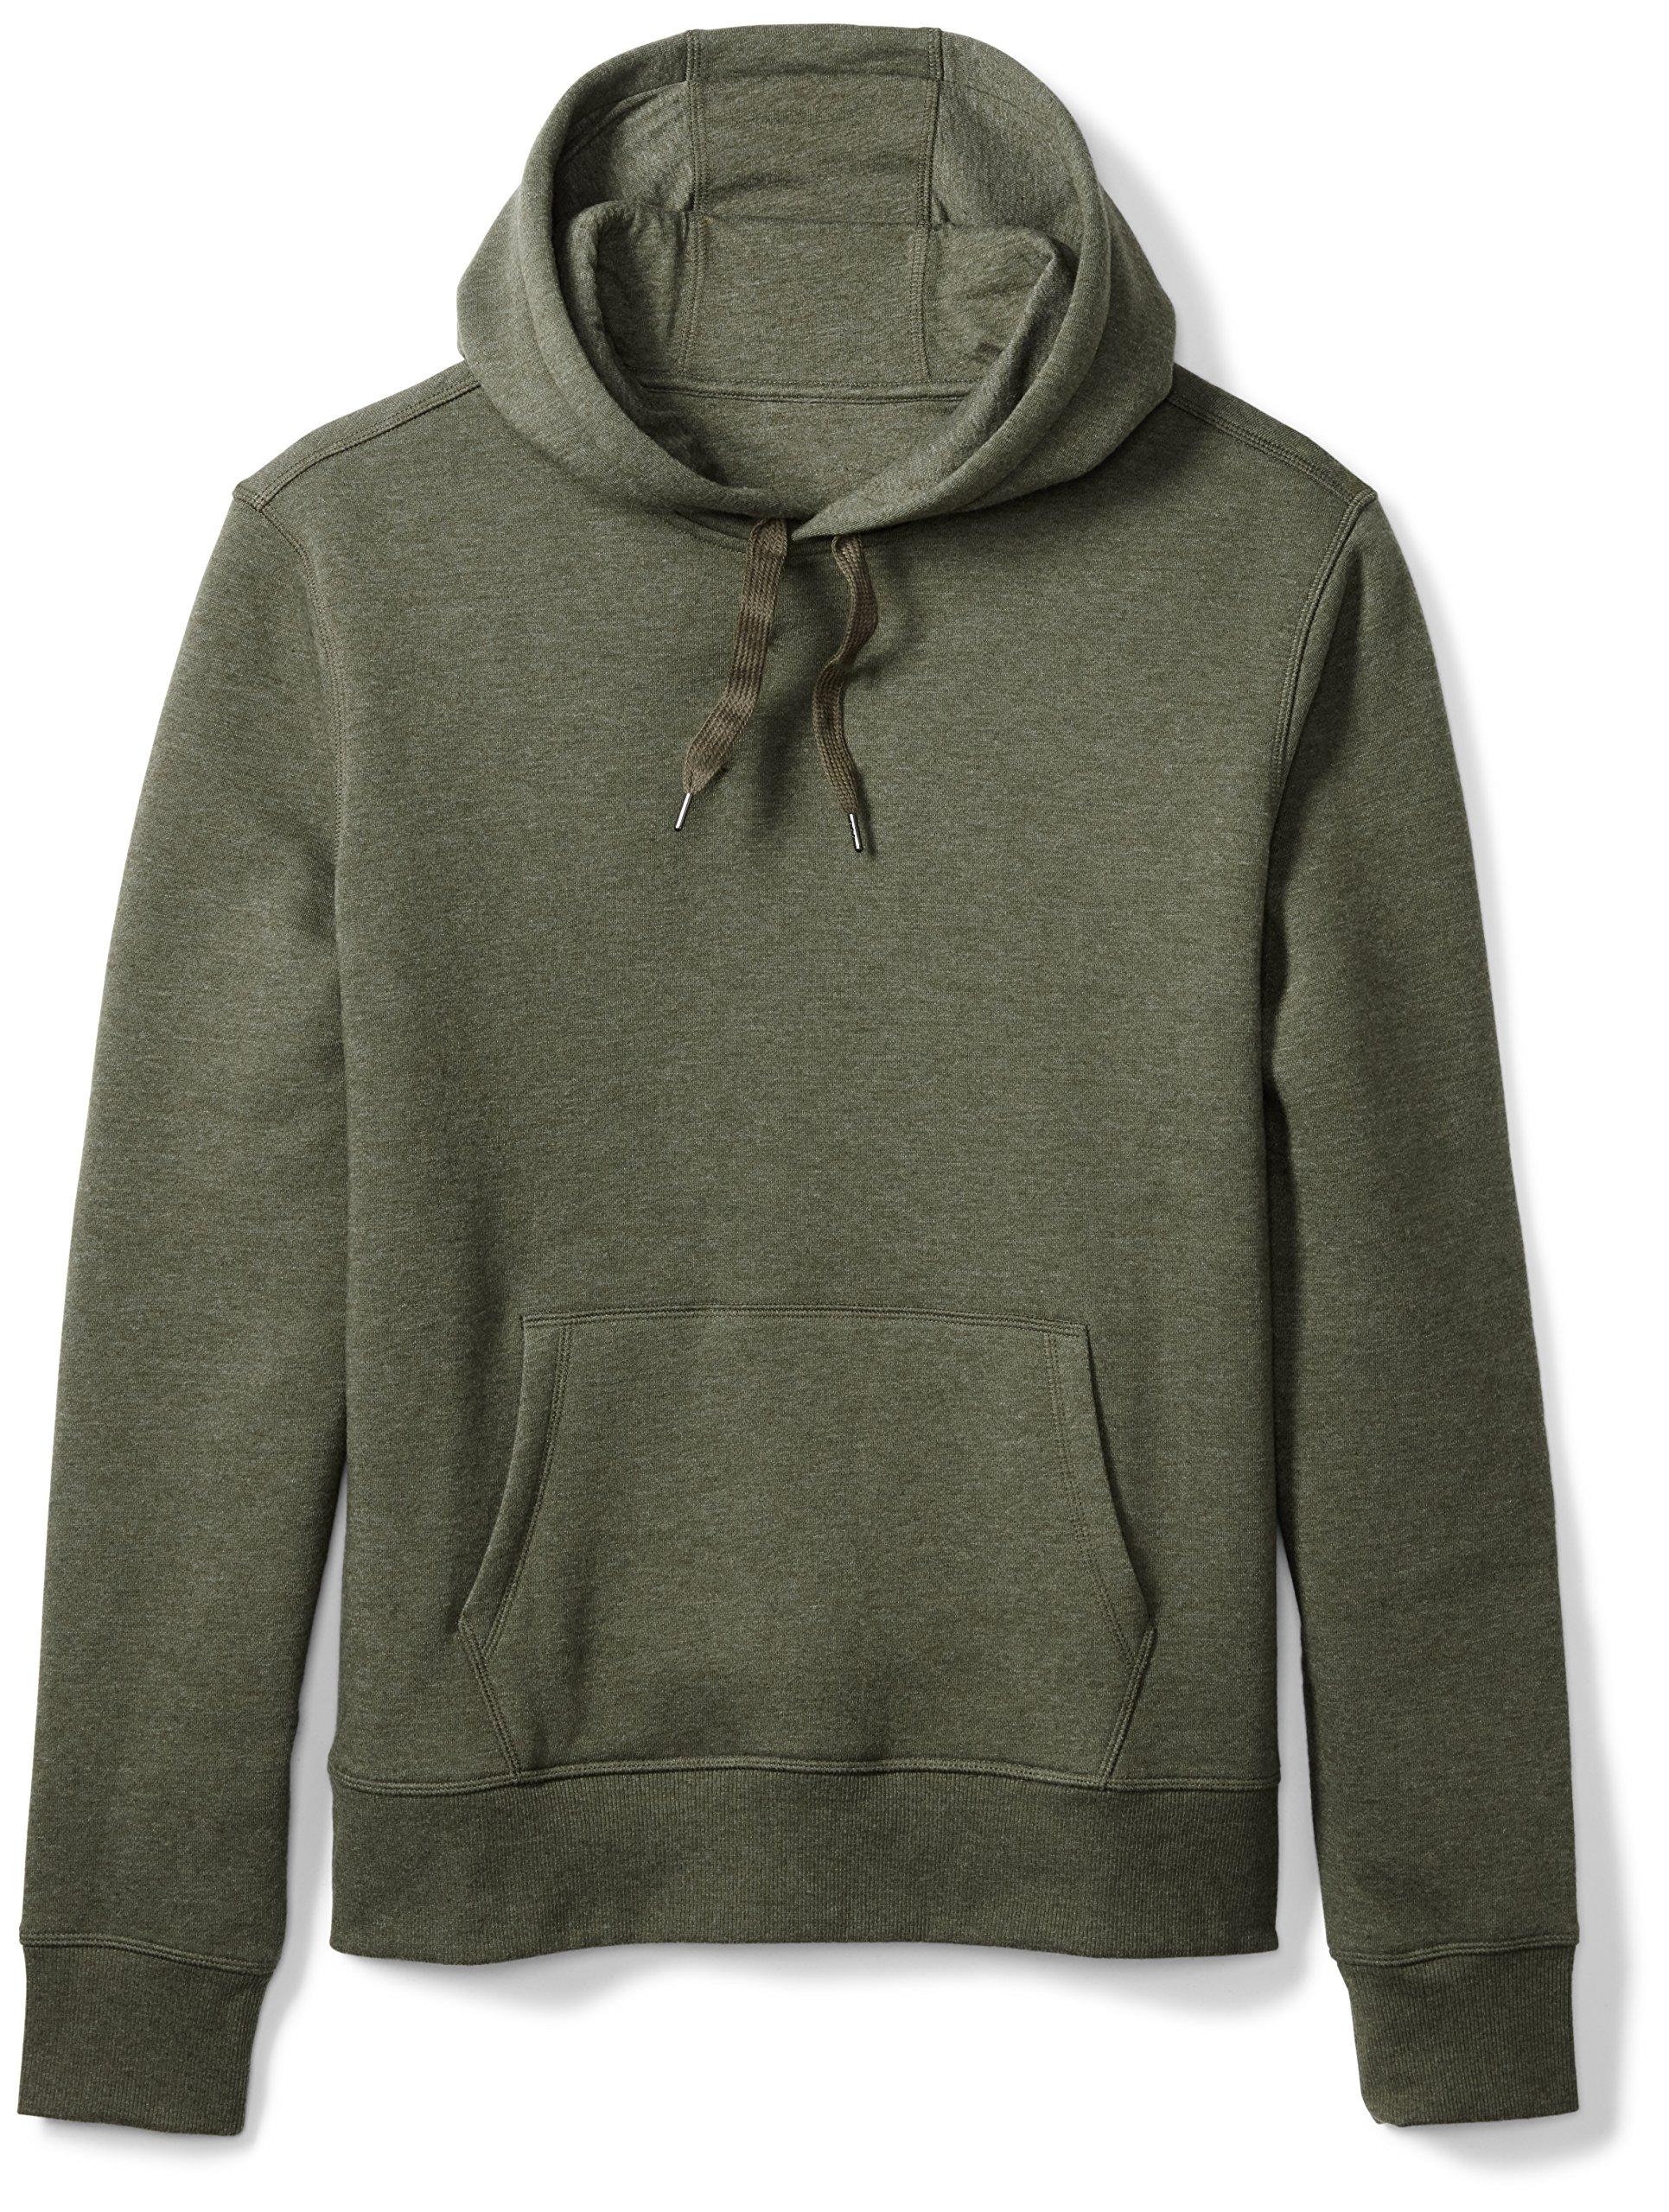 Amazon Essentials Men's Hooded Fleece Sweatshirt, Olive Heather, Medium